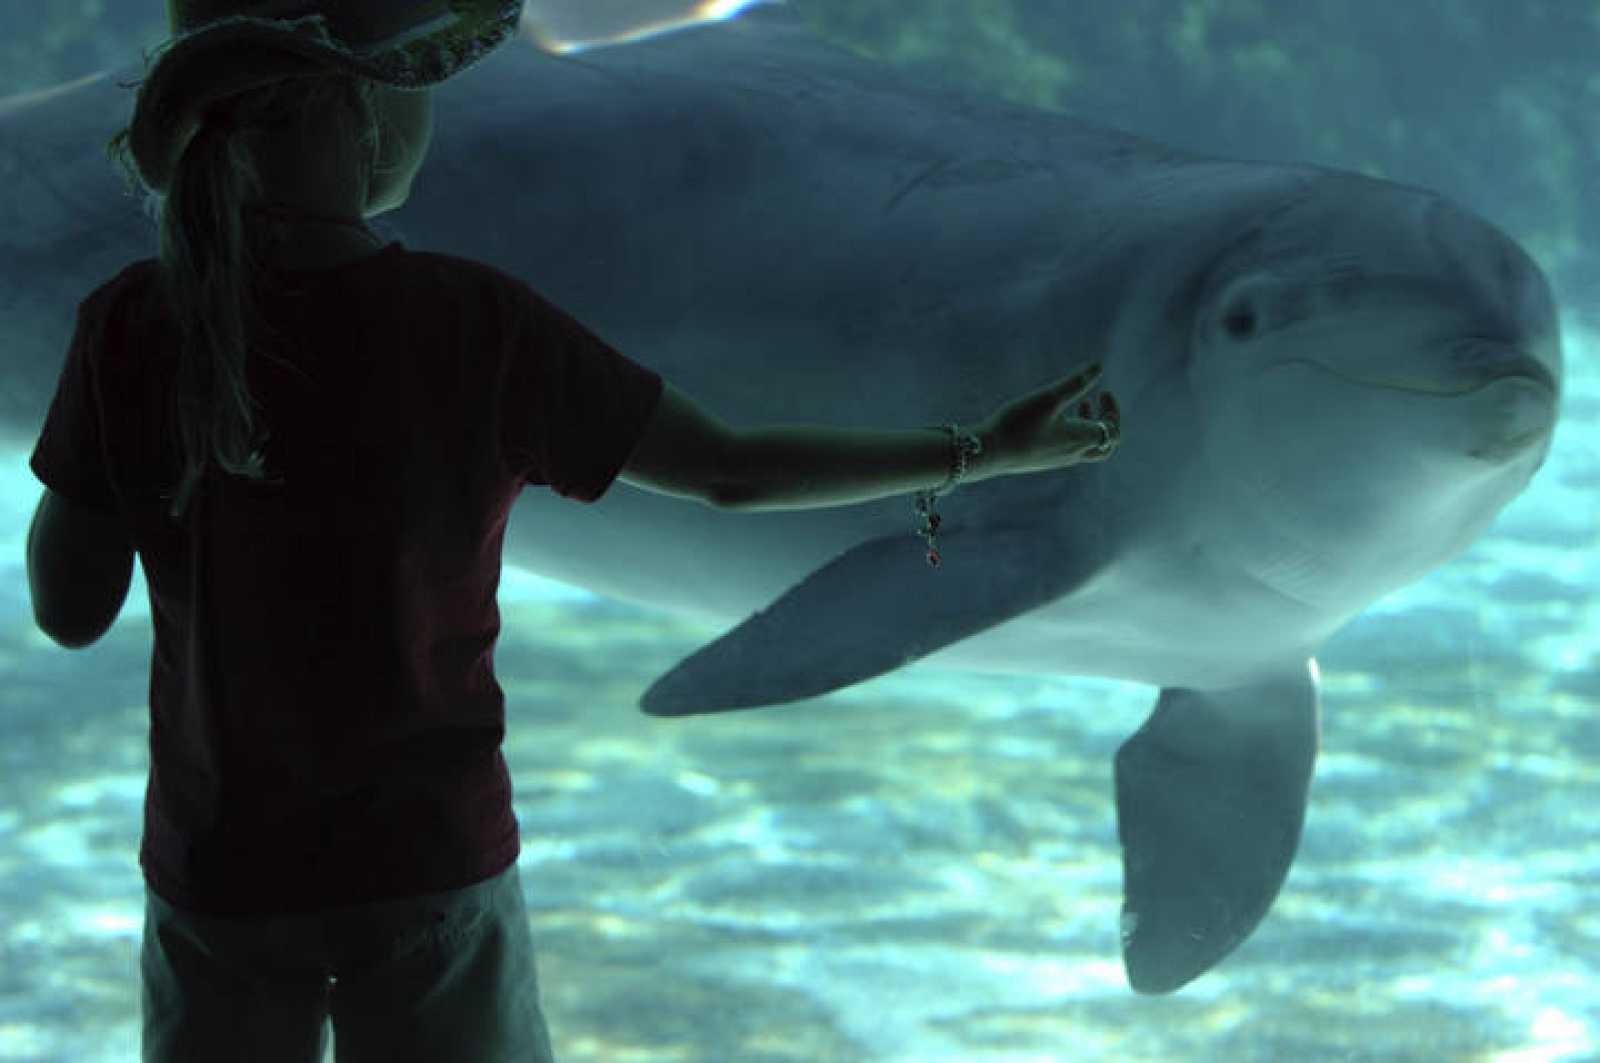 Los delfines tienen un amplio catálogo de silbidos y sonidos pulsados con los que se comunican entre ellos.